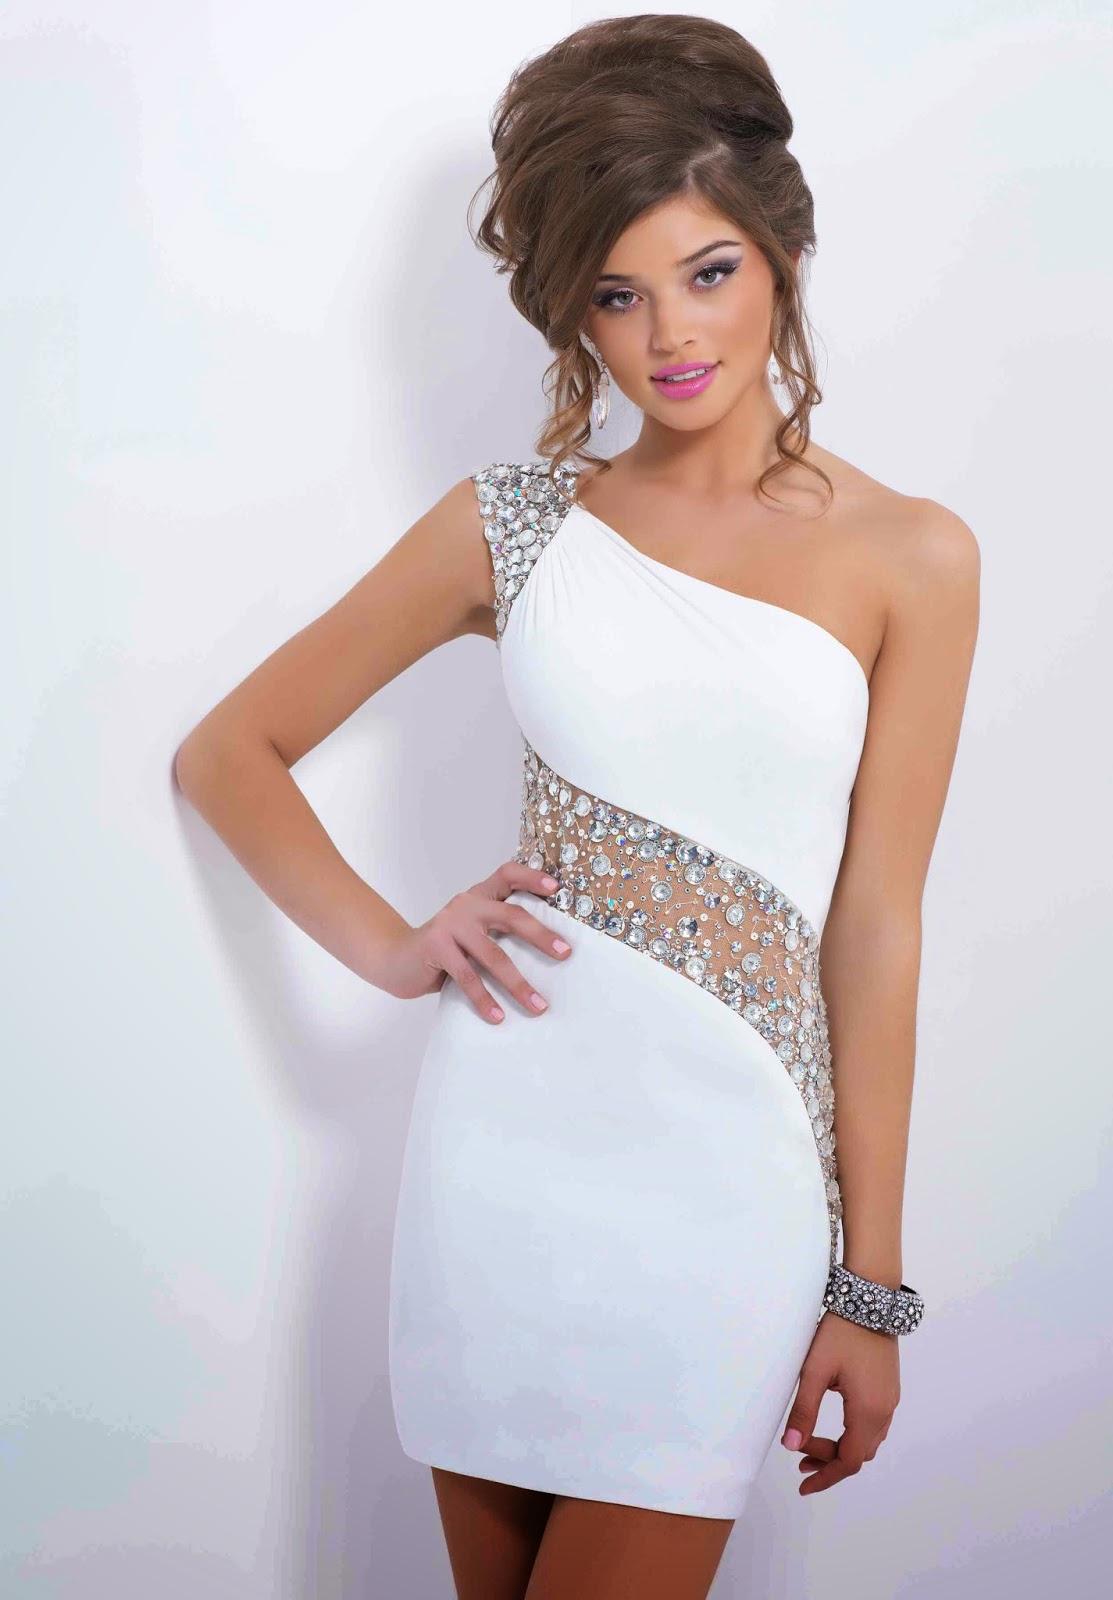 Asombrosos Vestidos De Fiesta Colección 2015 101